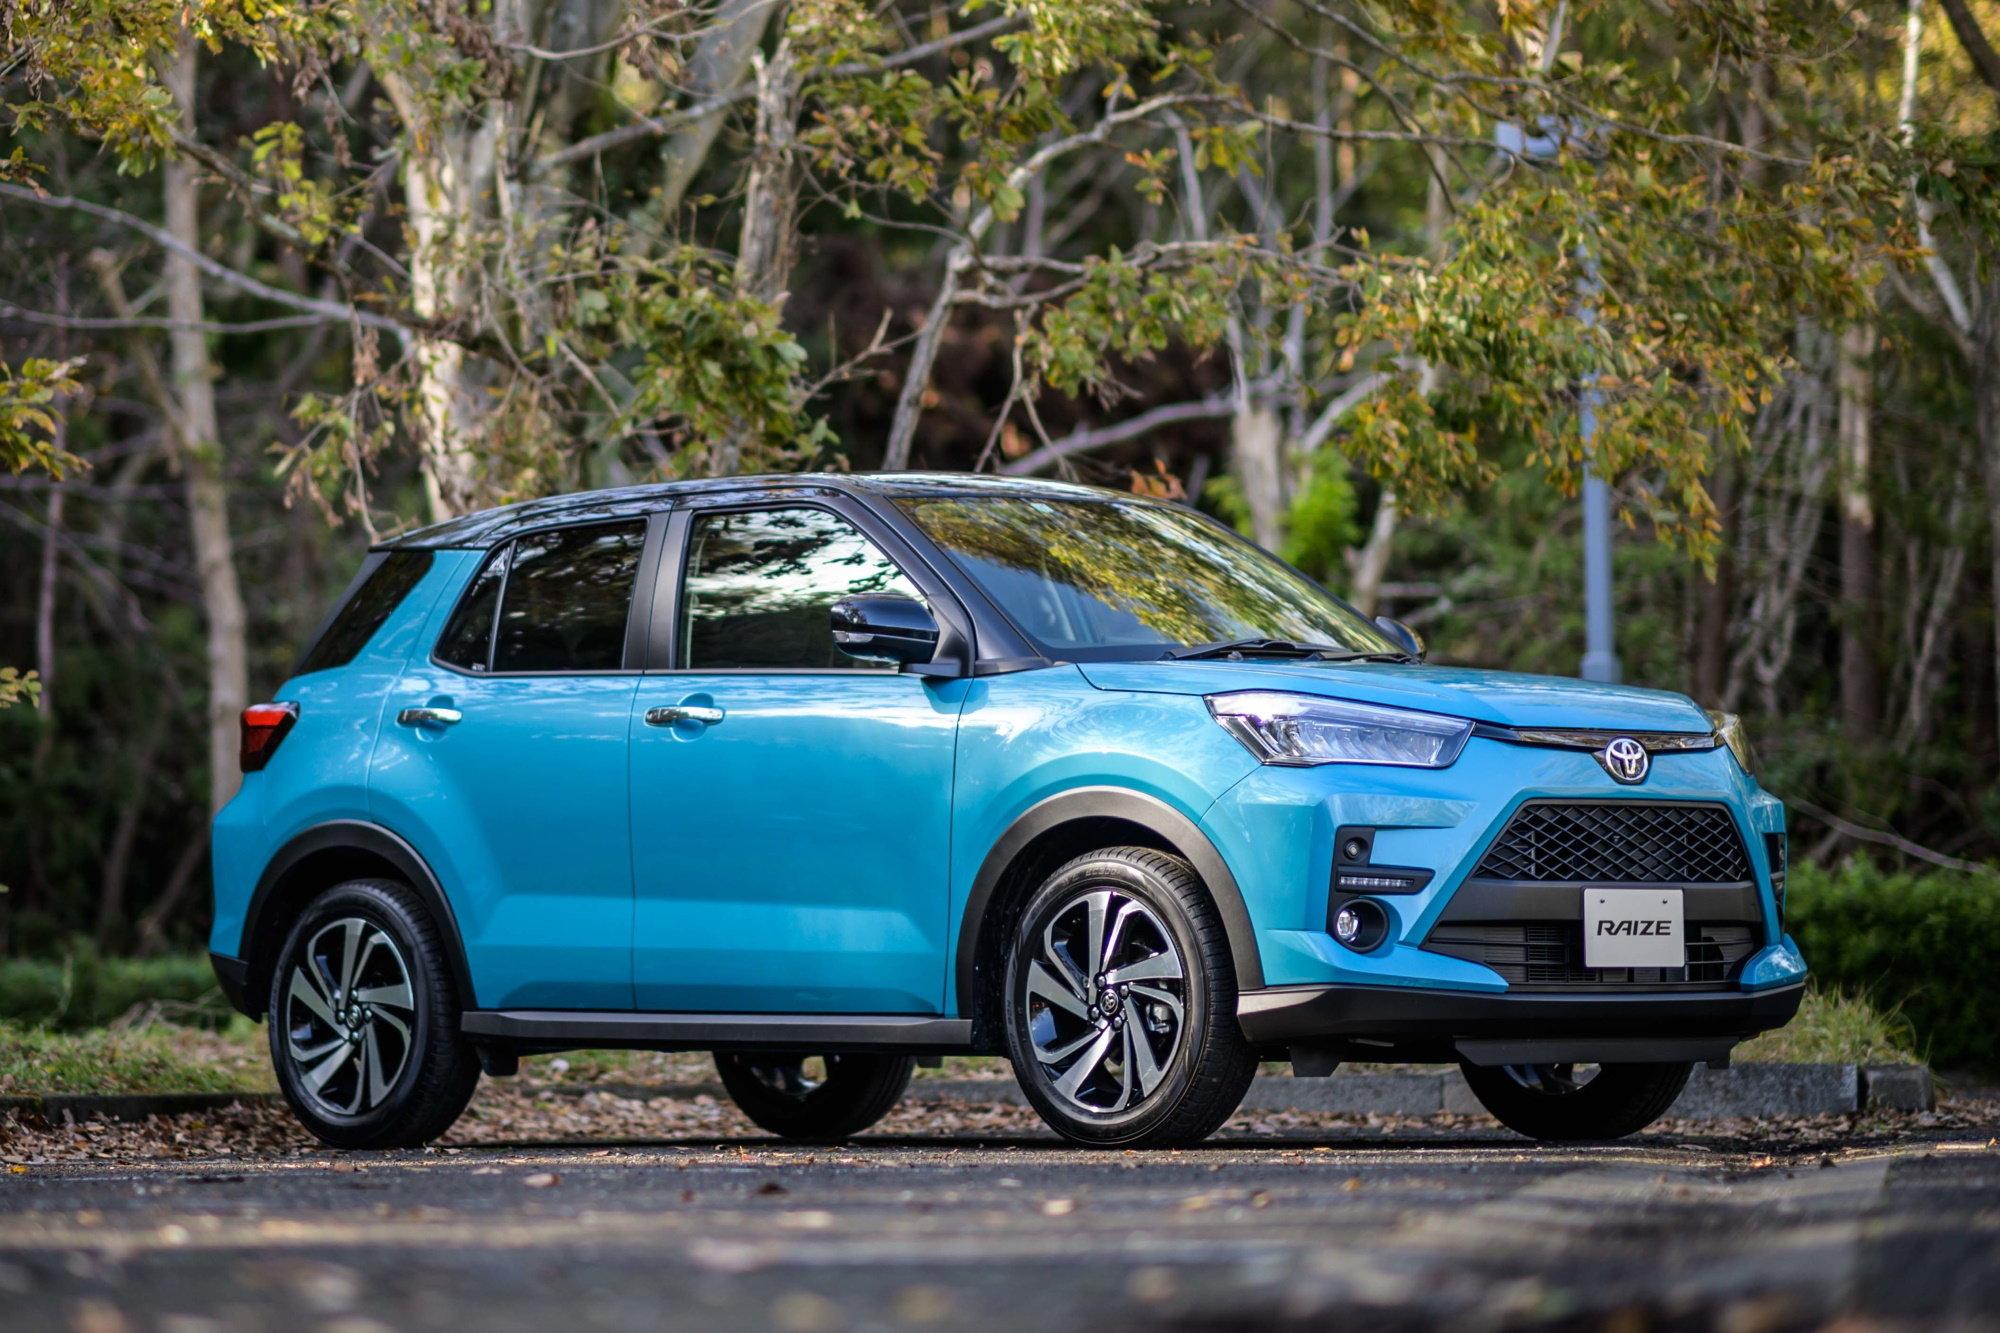 Бестселлеры Японии в первой половине 2020 года: новые Тойоты разлетаются, как горячие пирожки